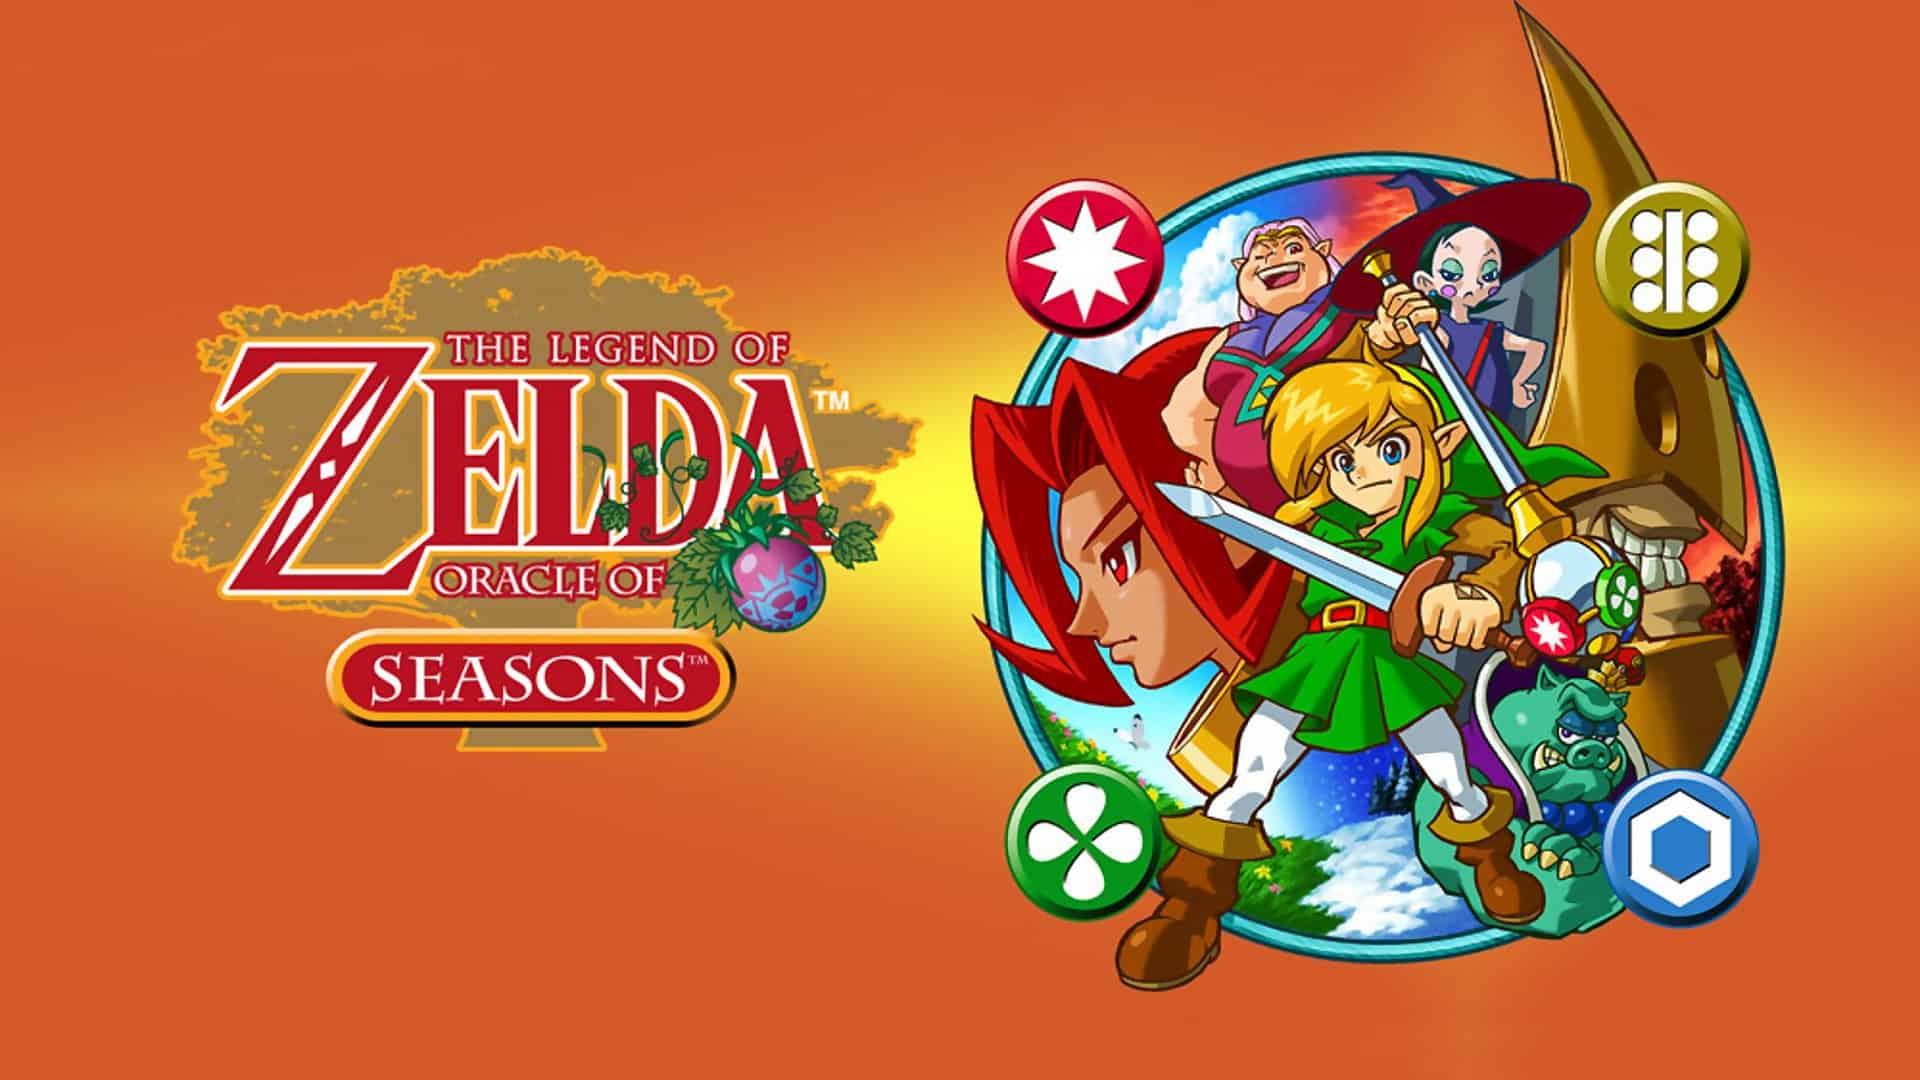 Best Zelda Games - The Legend of Zelda - Oracle of Seasons